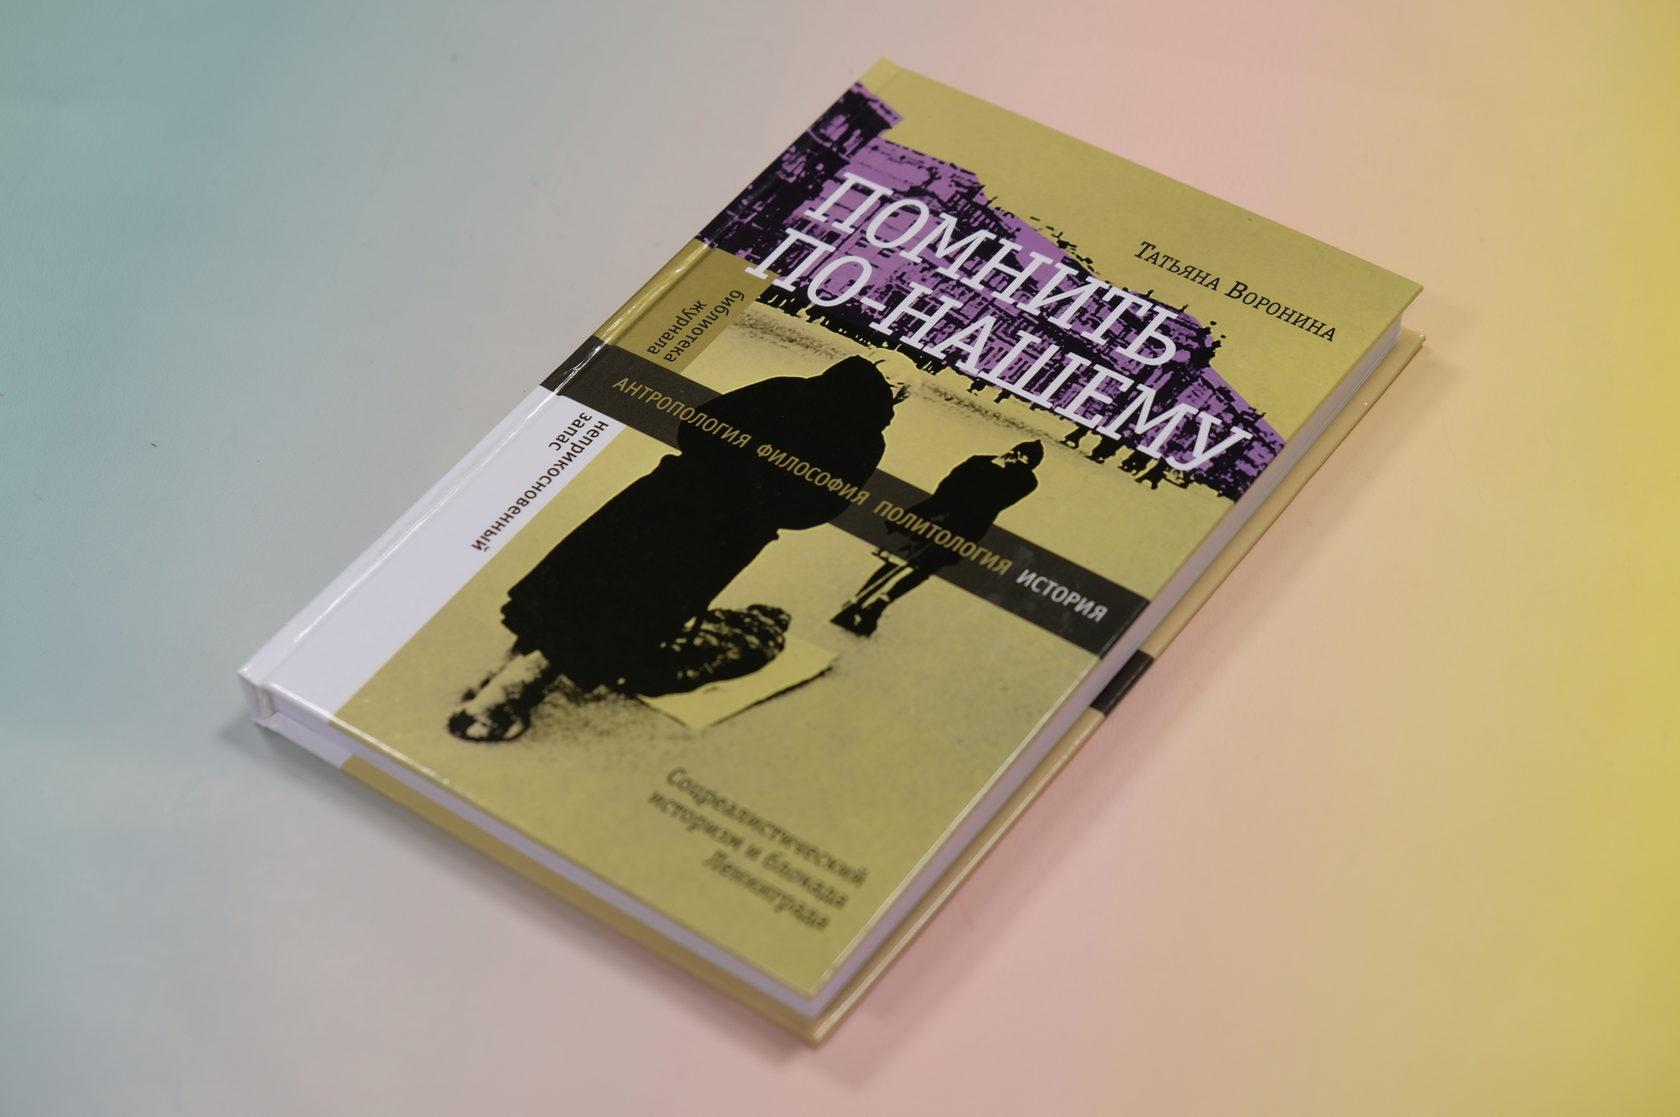 Татьяна Воронина «Помнить по-нашему. Соцреалистический историзм и блокада Ленинграда»